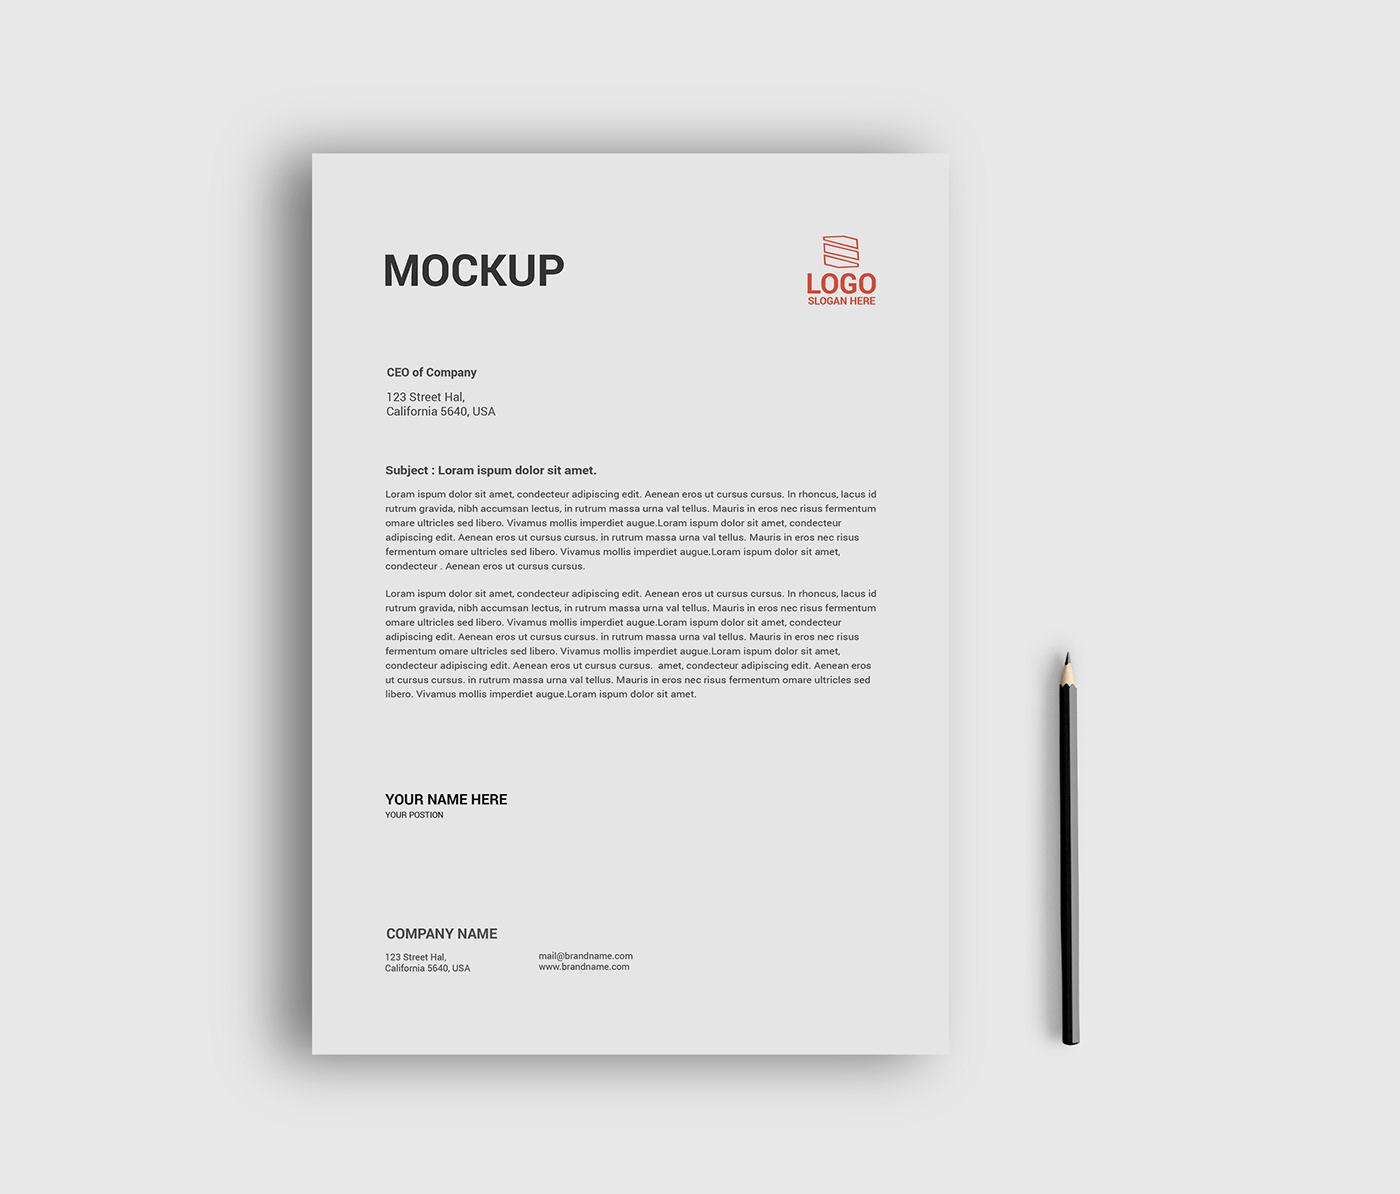 flyer mockup free download Free flyer mockup psd file